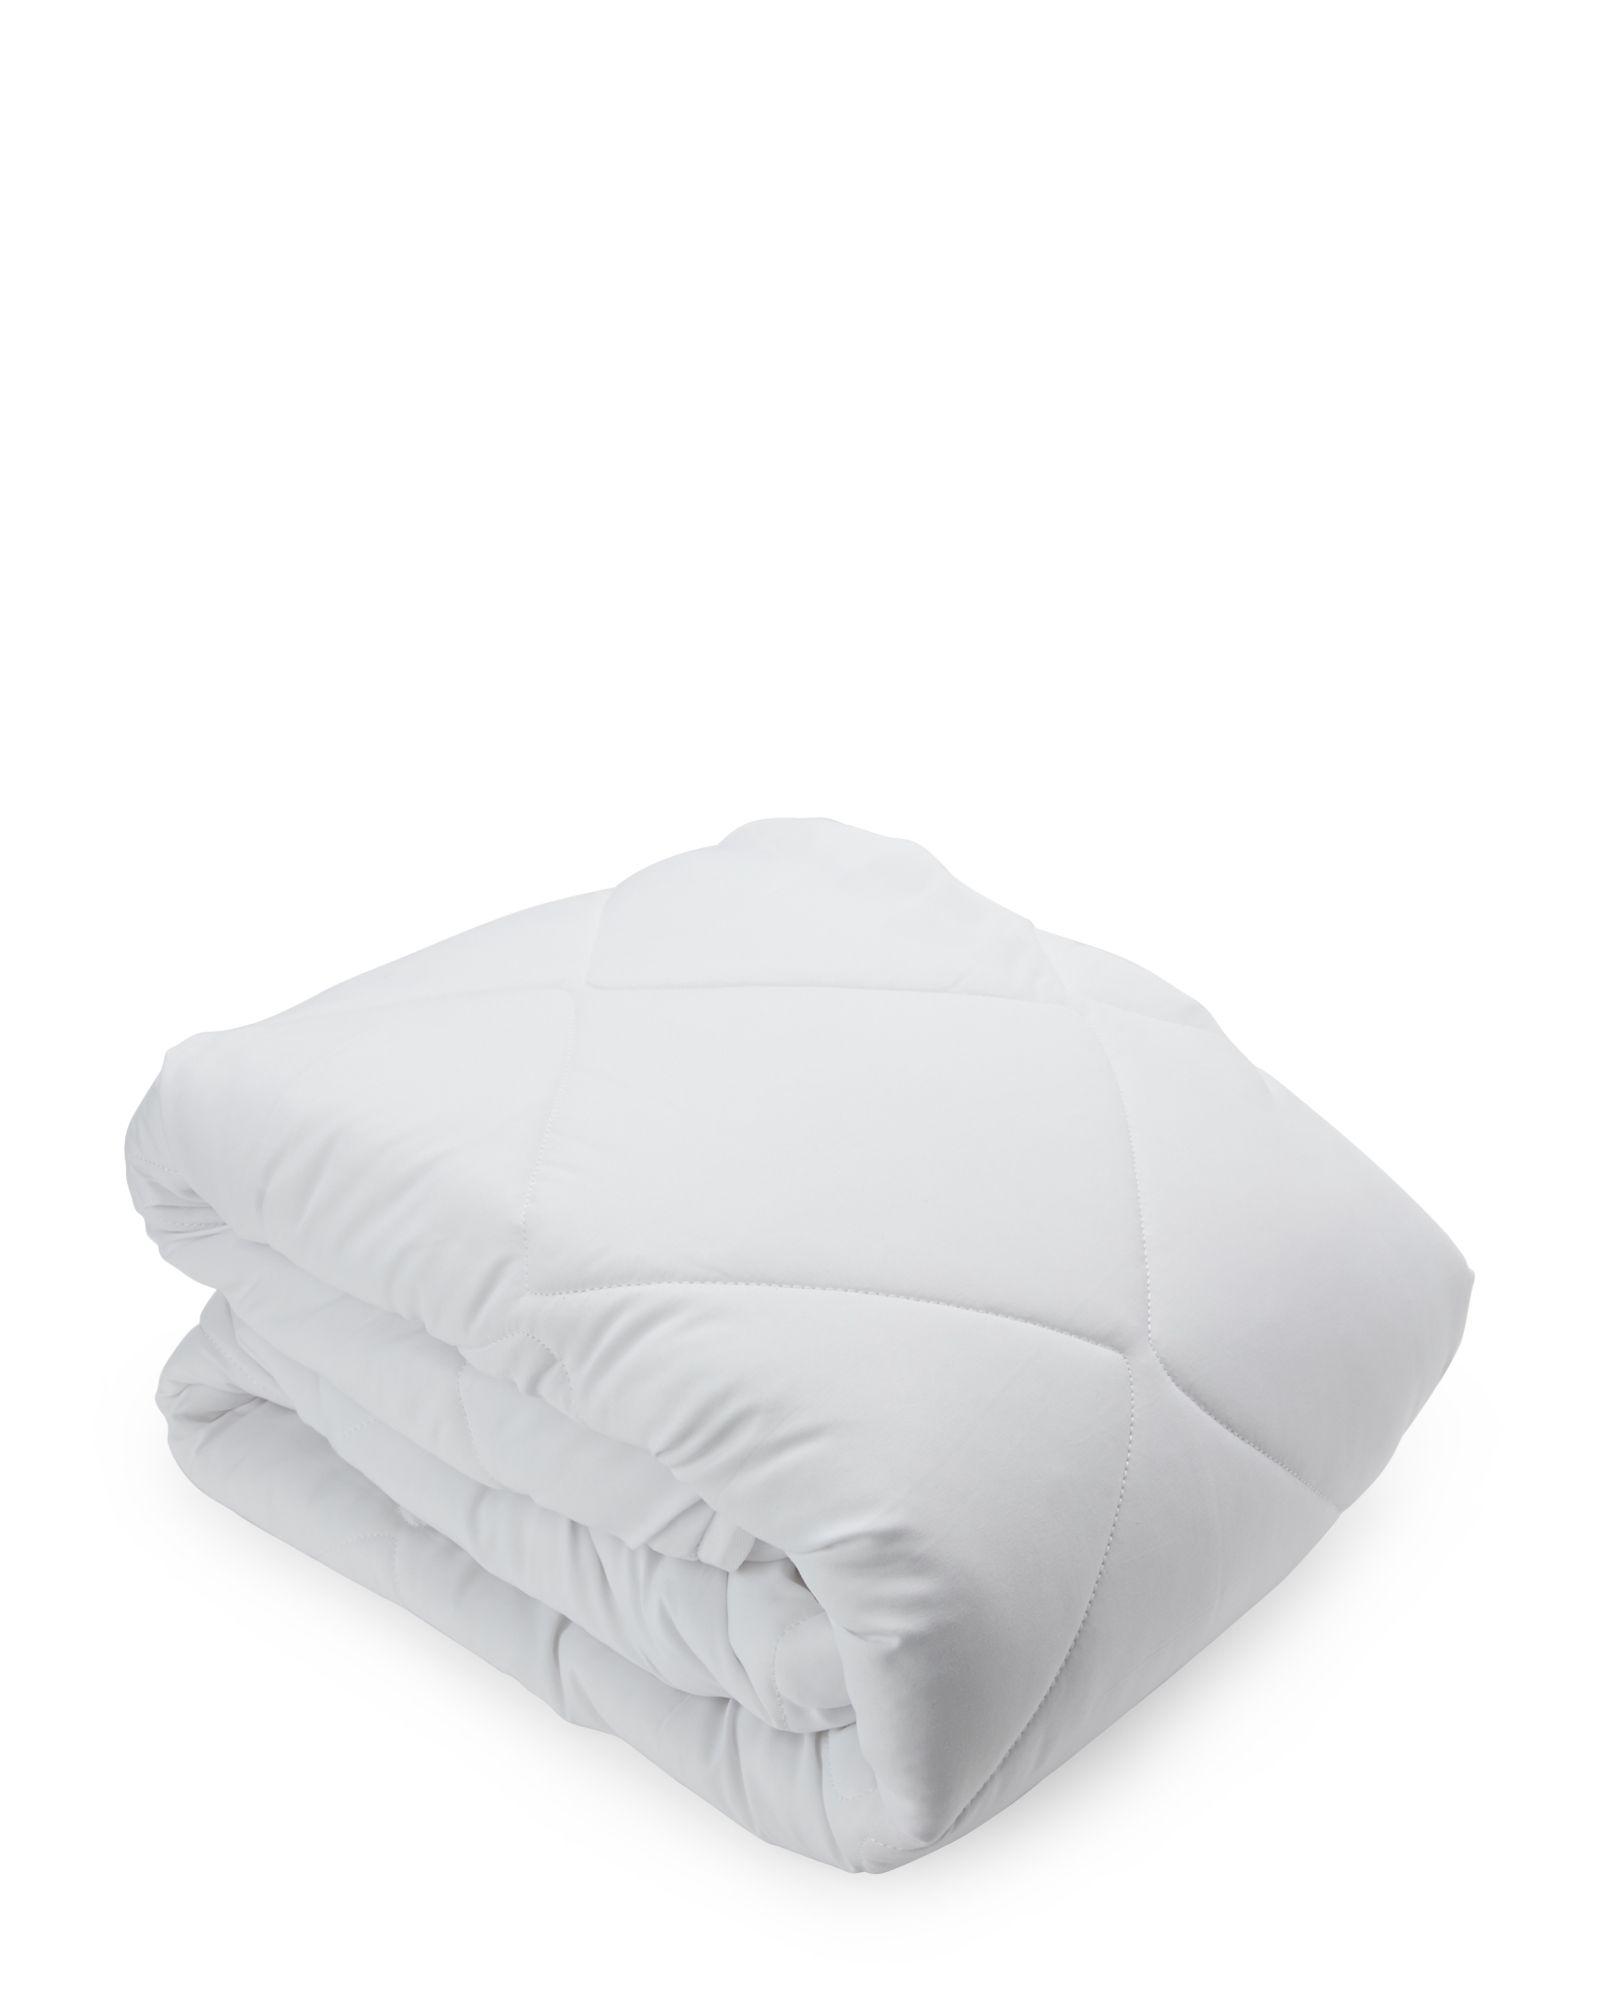 Queen Perfect Sleeper Total Comfort Mattress Pad Comfort